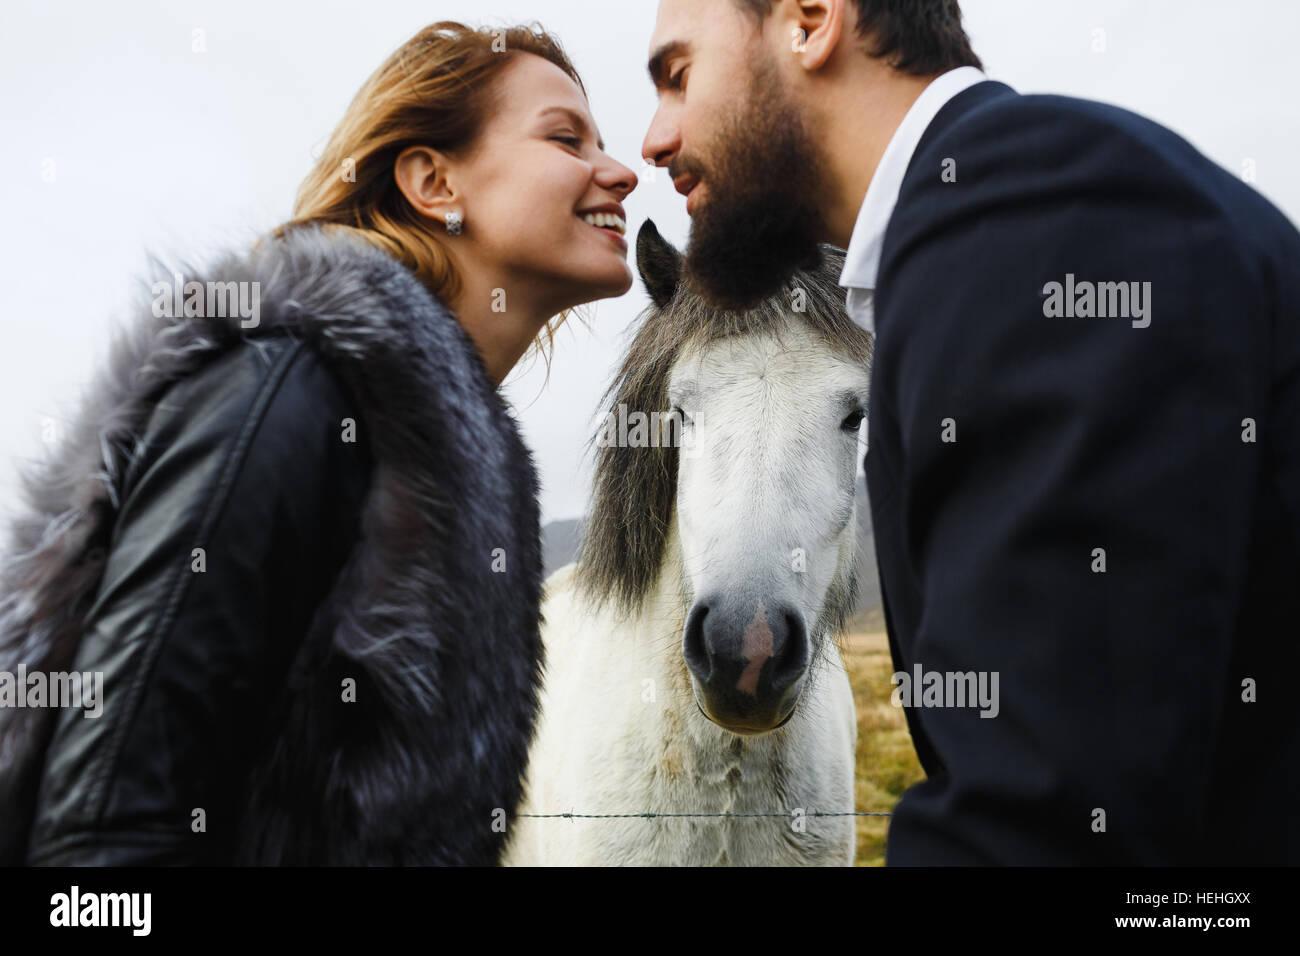 Verliebter Mann Und Frau Einander Mit Pferd Zwischen Ihnen